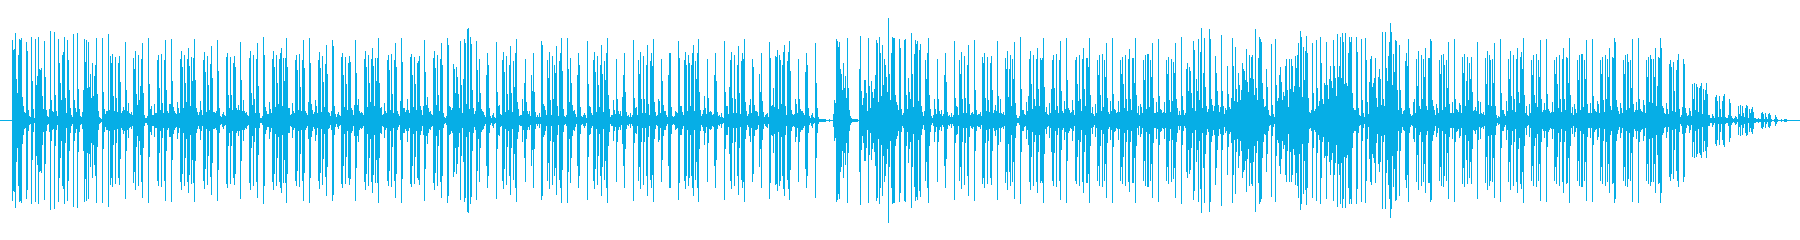 グルーブ16ビートpurdie風ドラム3の再生済みの波形